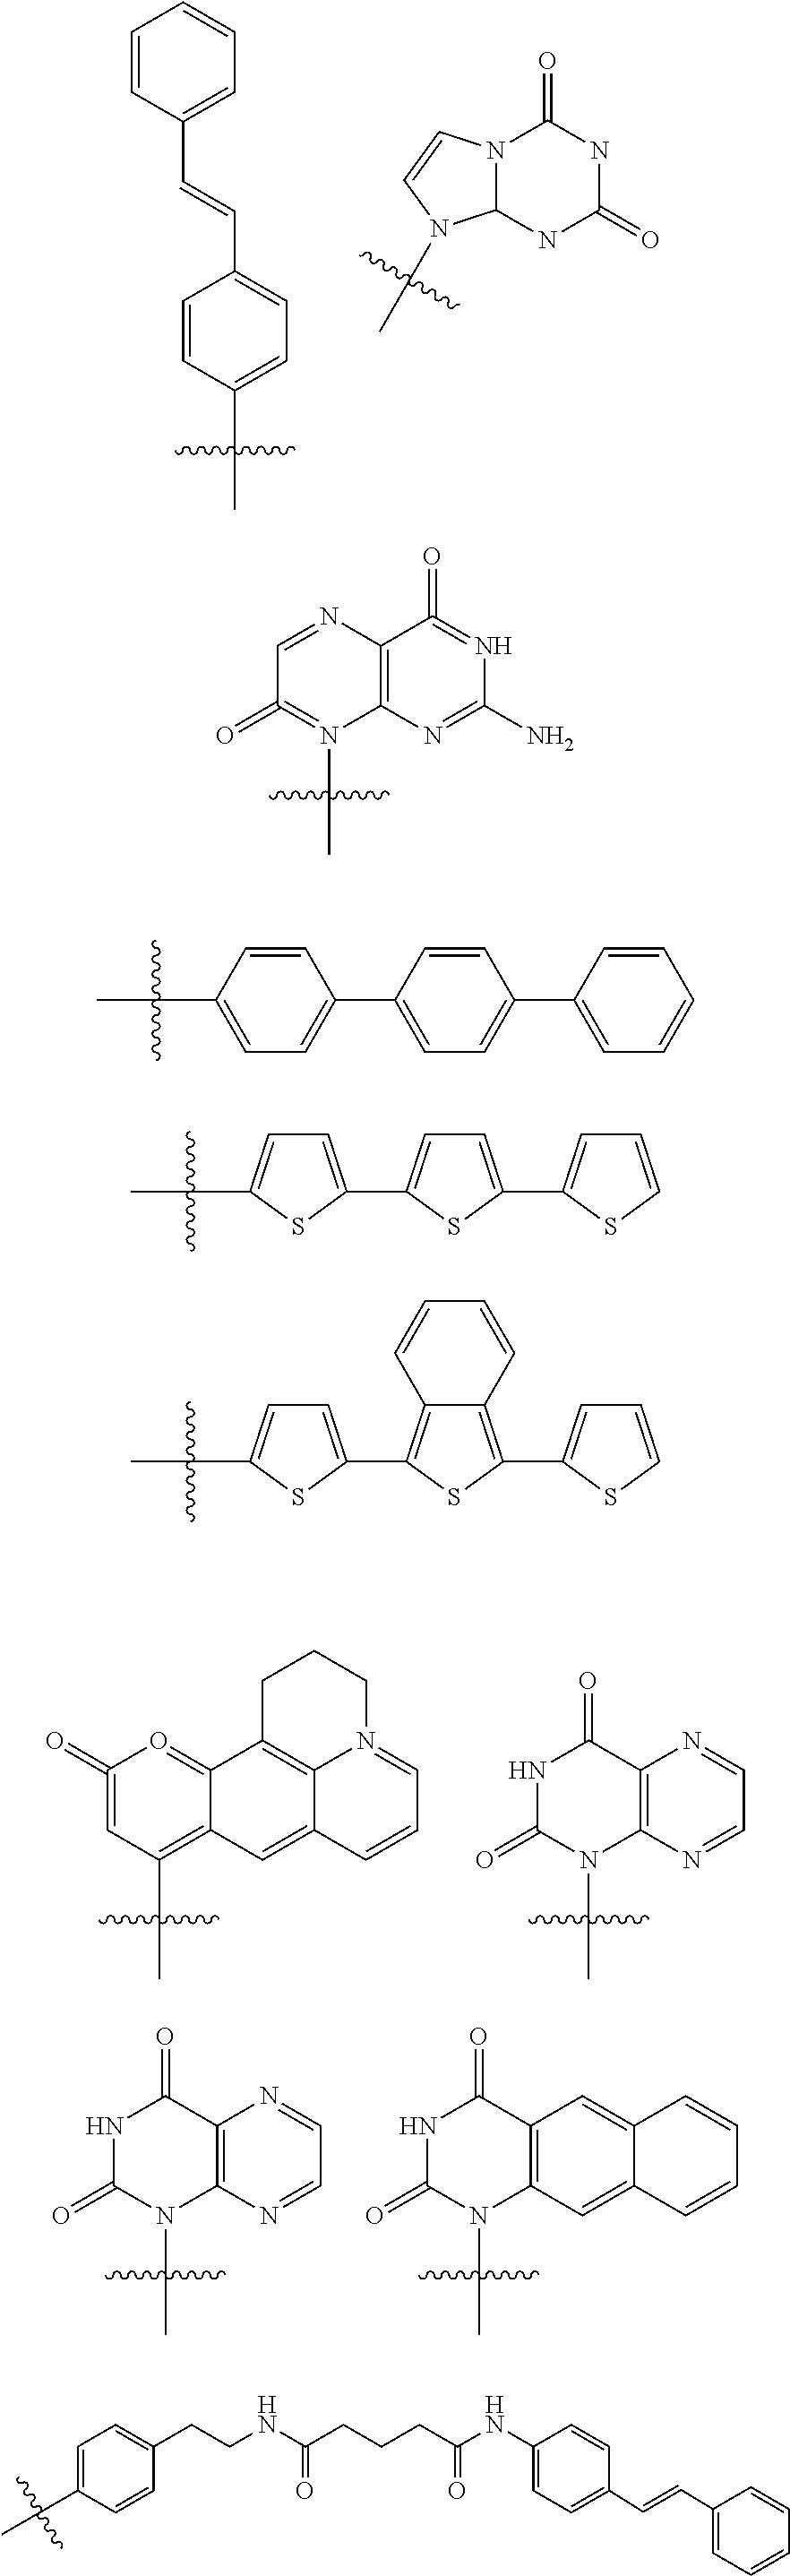 Figure US09605019-20170328-C00040